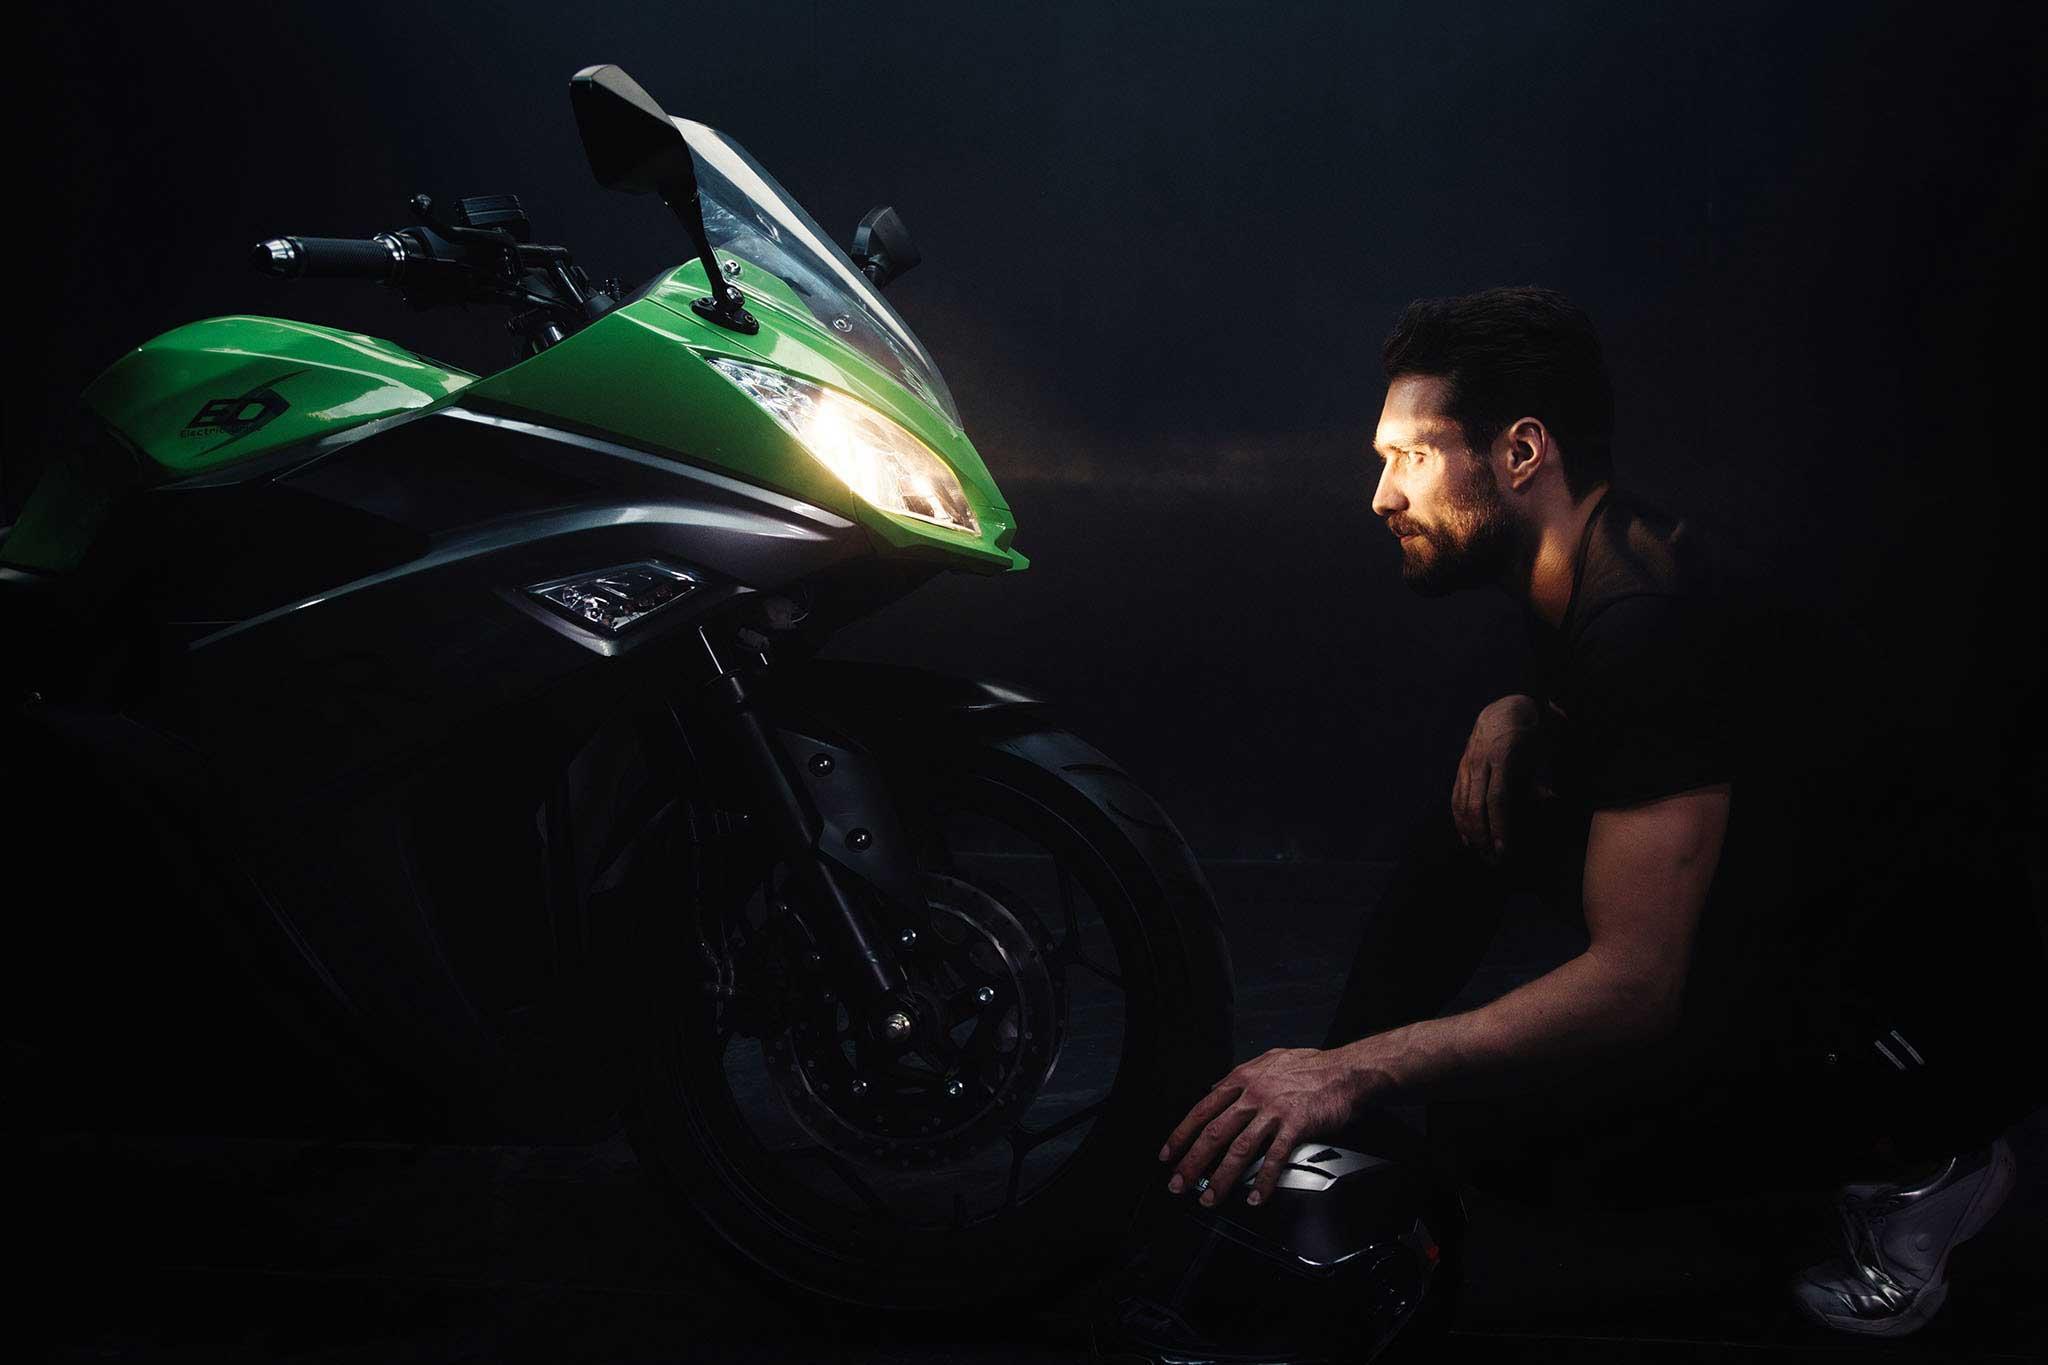 تصویر موتور سیکلت برقی SR 7000